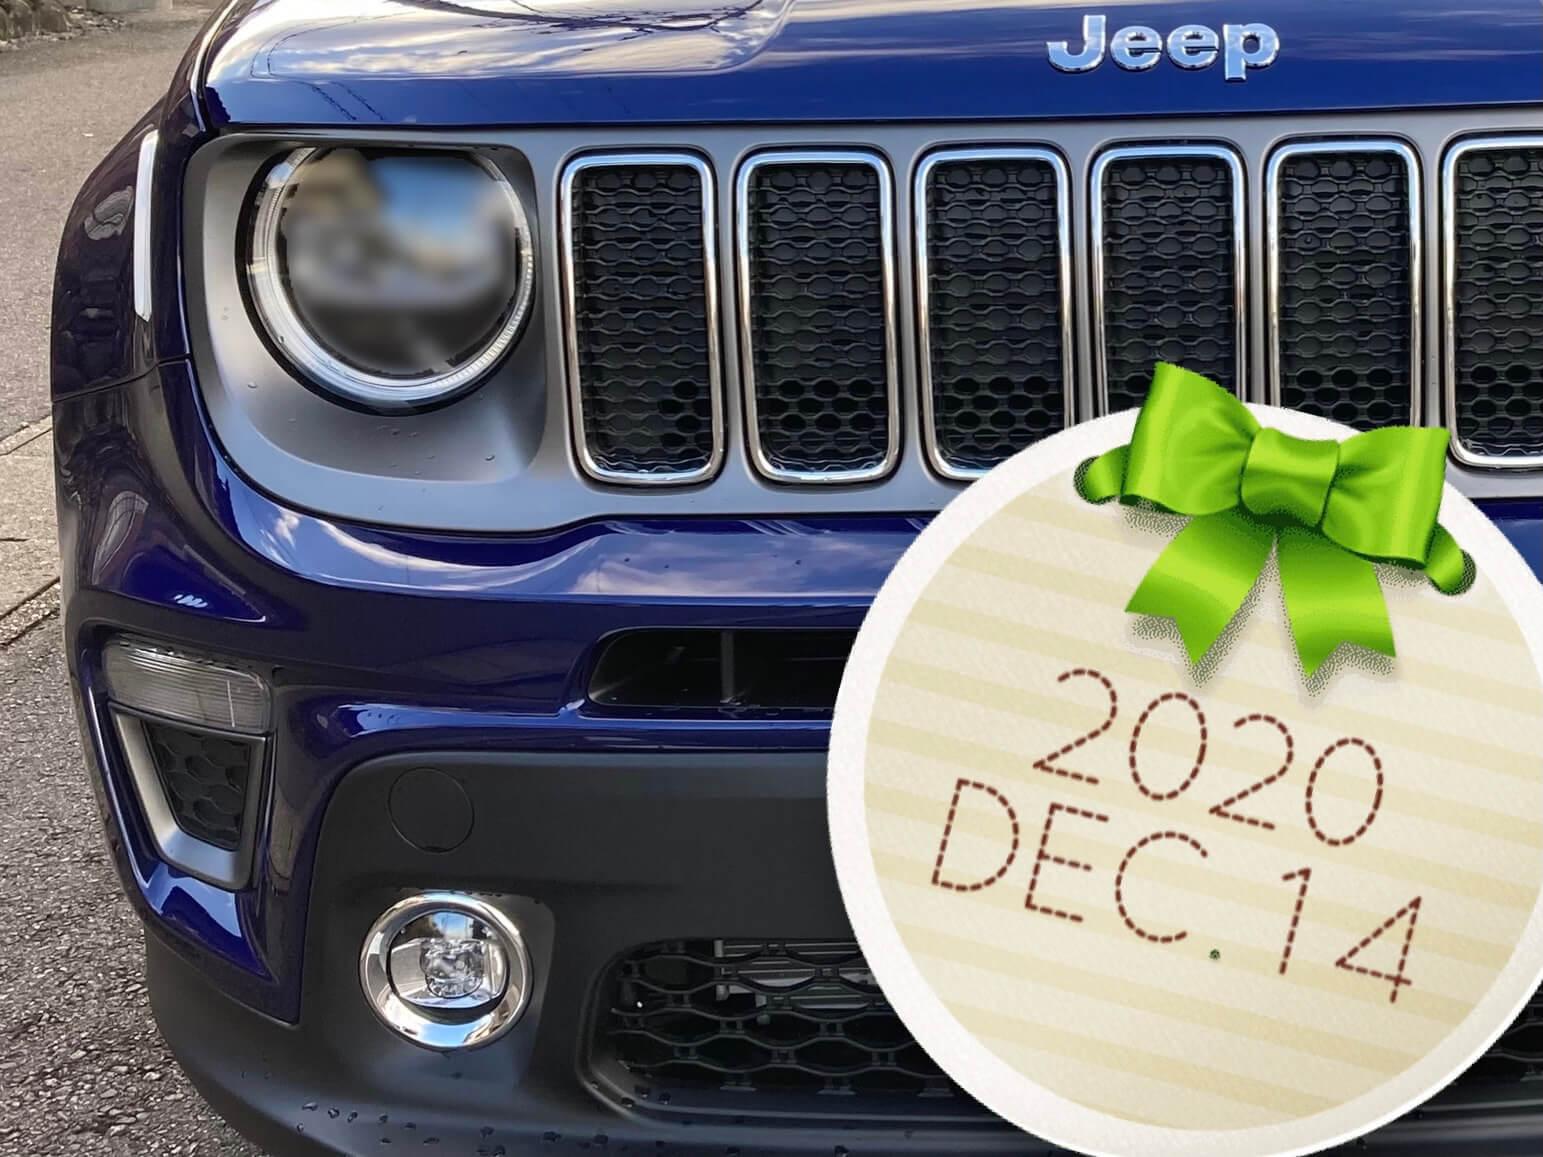 レネゲード 故障 ジープ 【Jeepモデル別・積載企画】Jeep Renegadeに合うギア&積み方のポイントを人気スタイリスト・平健一がレクチャー!